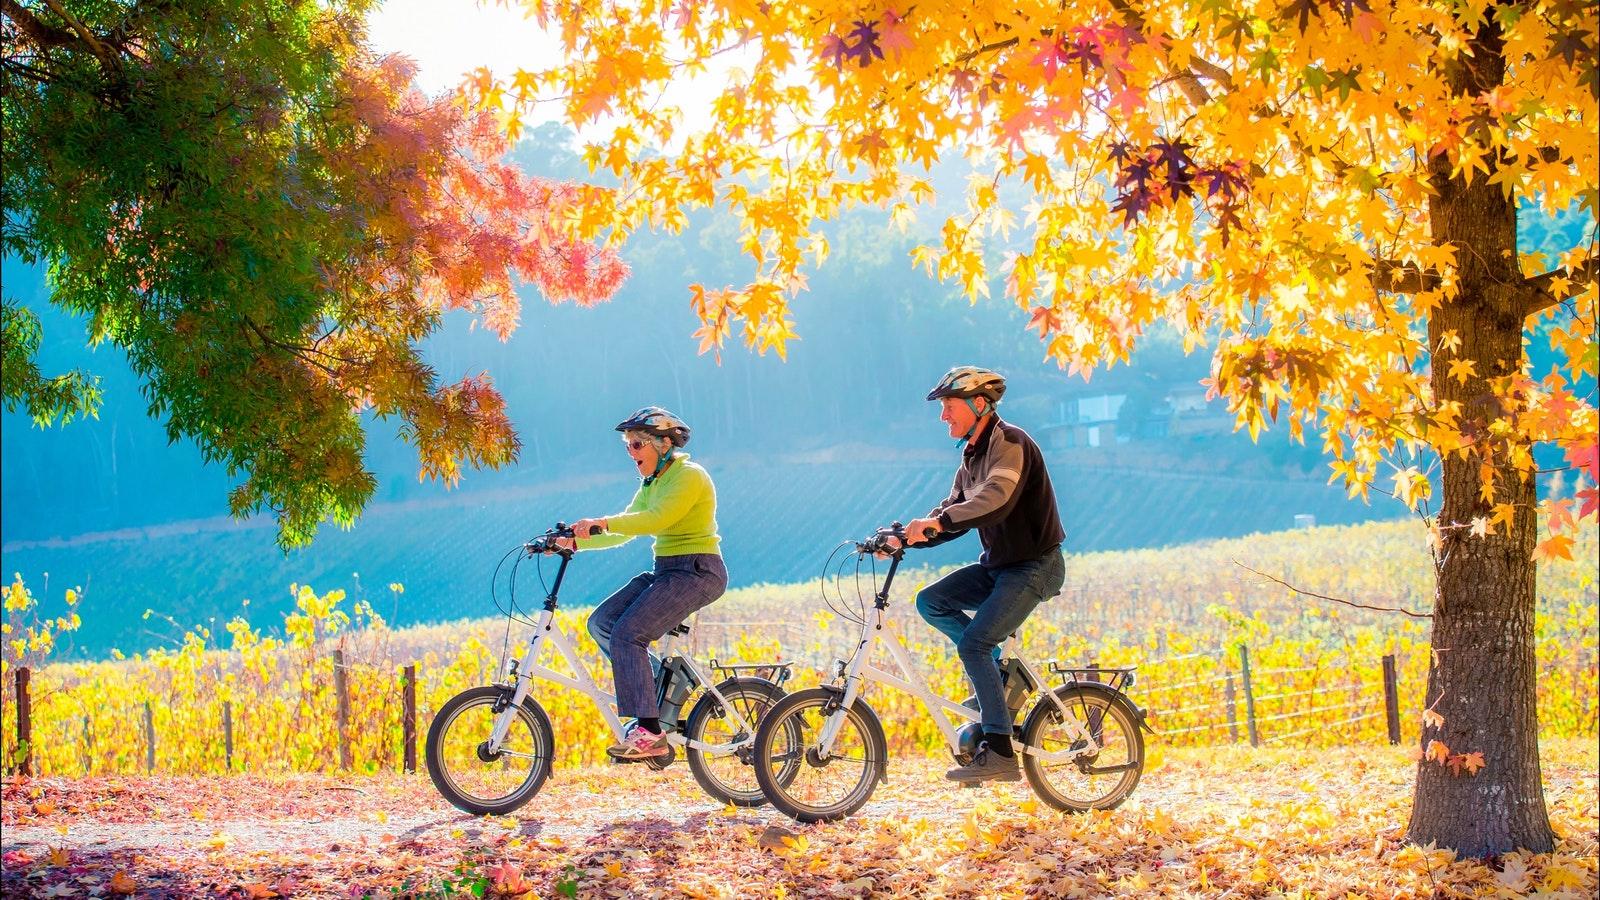 Bright Electric Bikes - Bright, Victoria